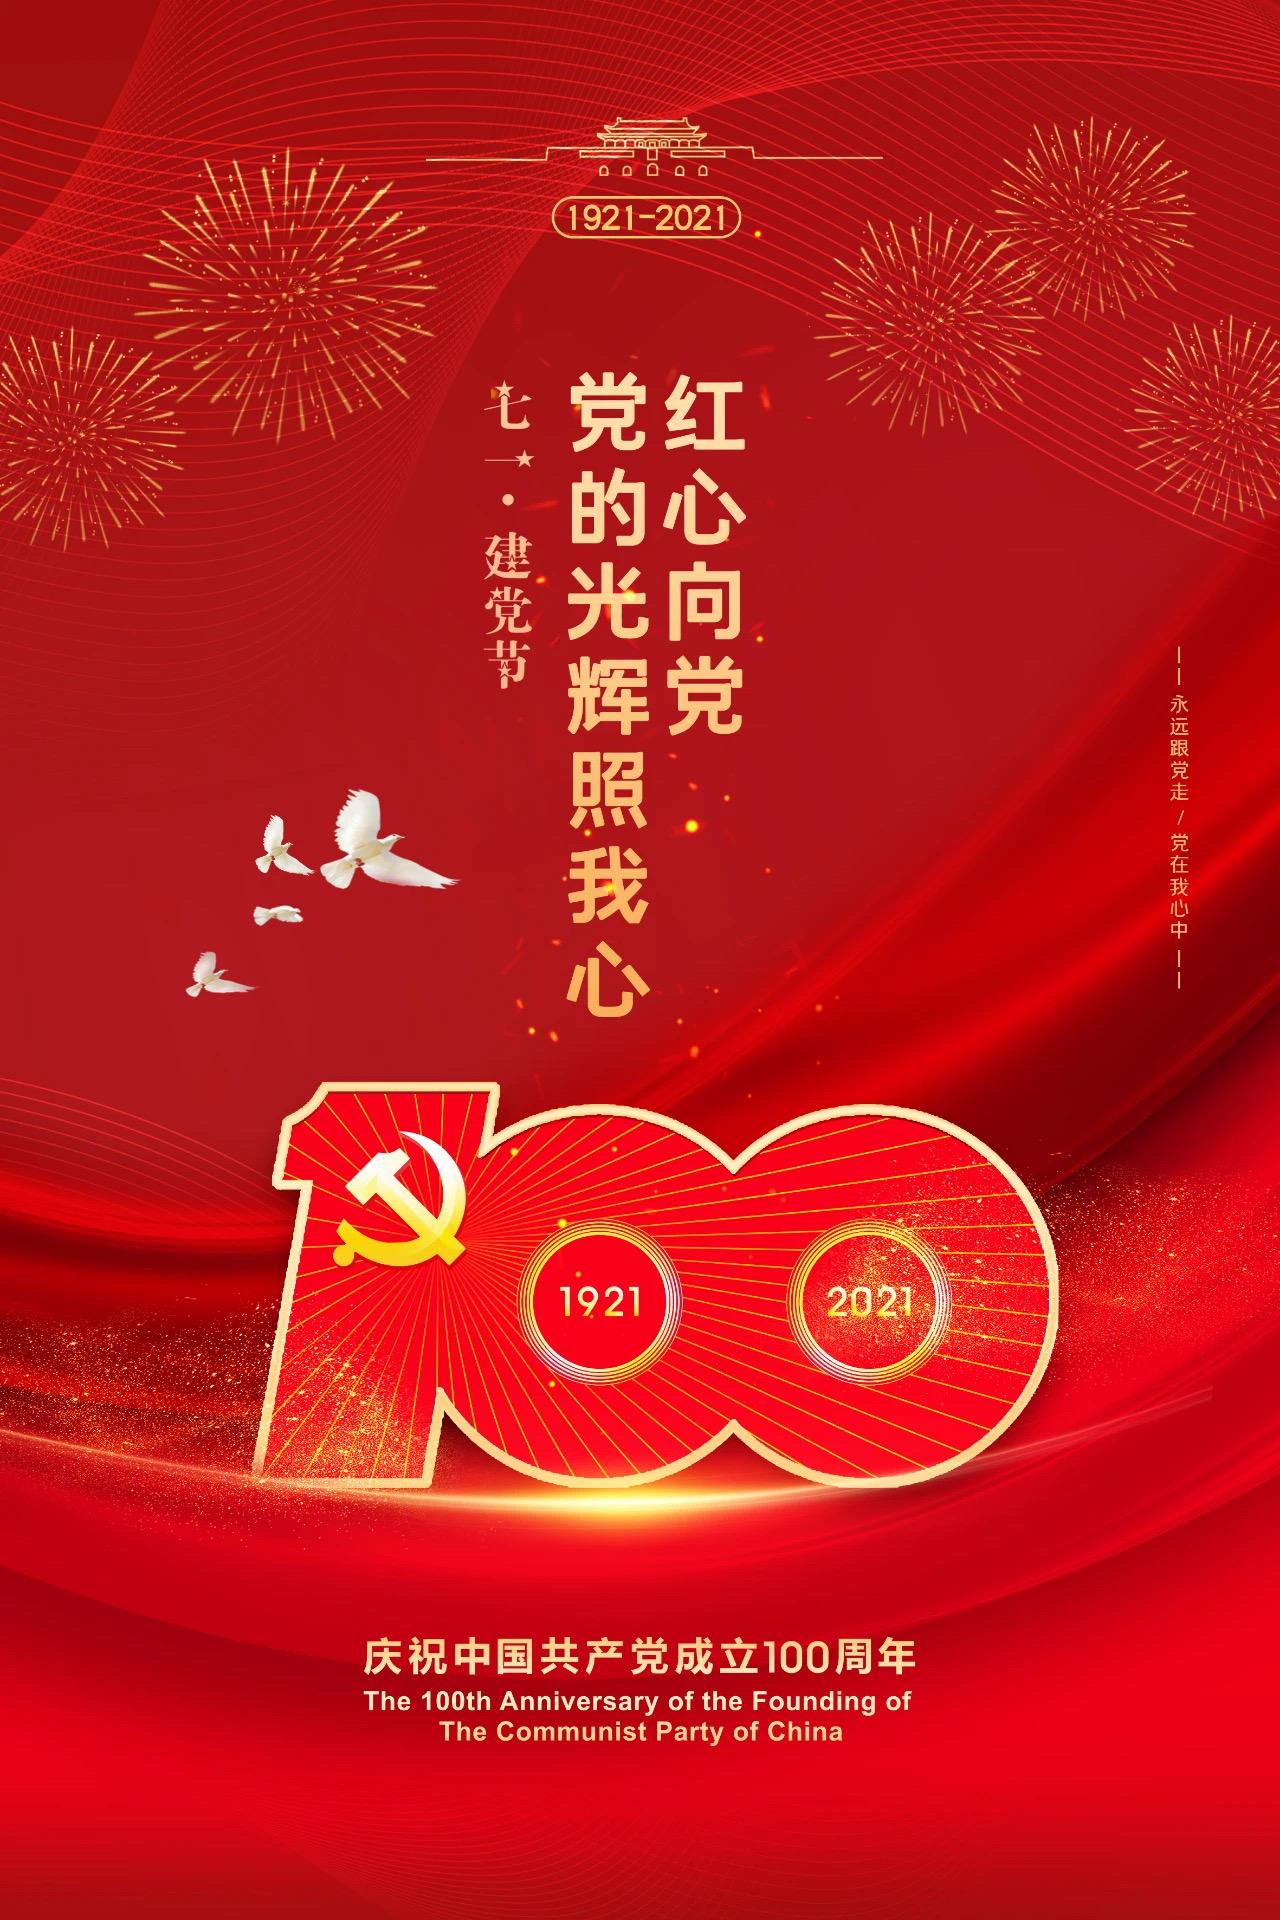 刘关张集团热烈庆祝中国共产党成立100周年